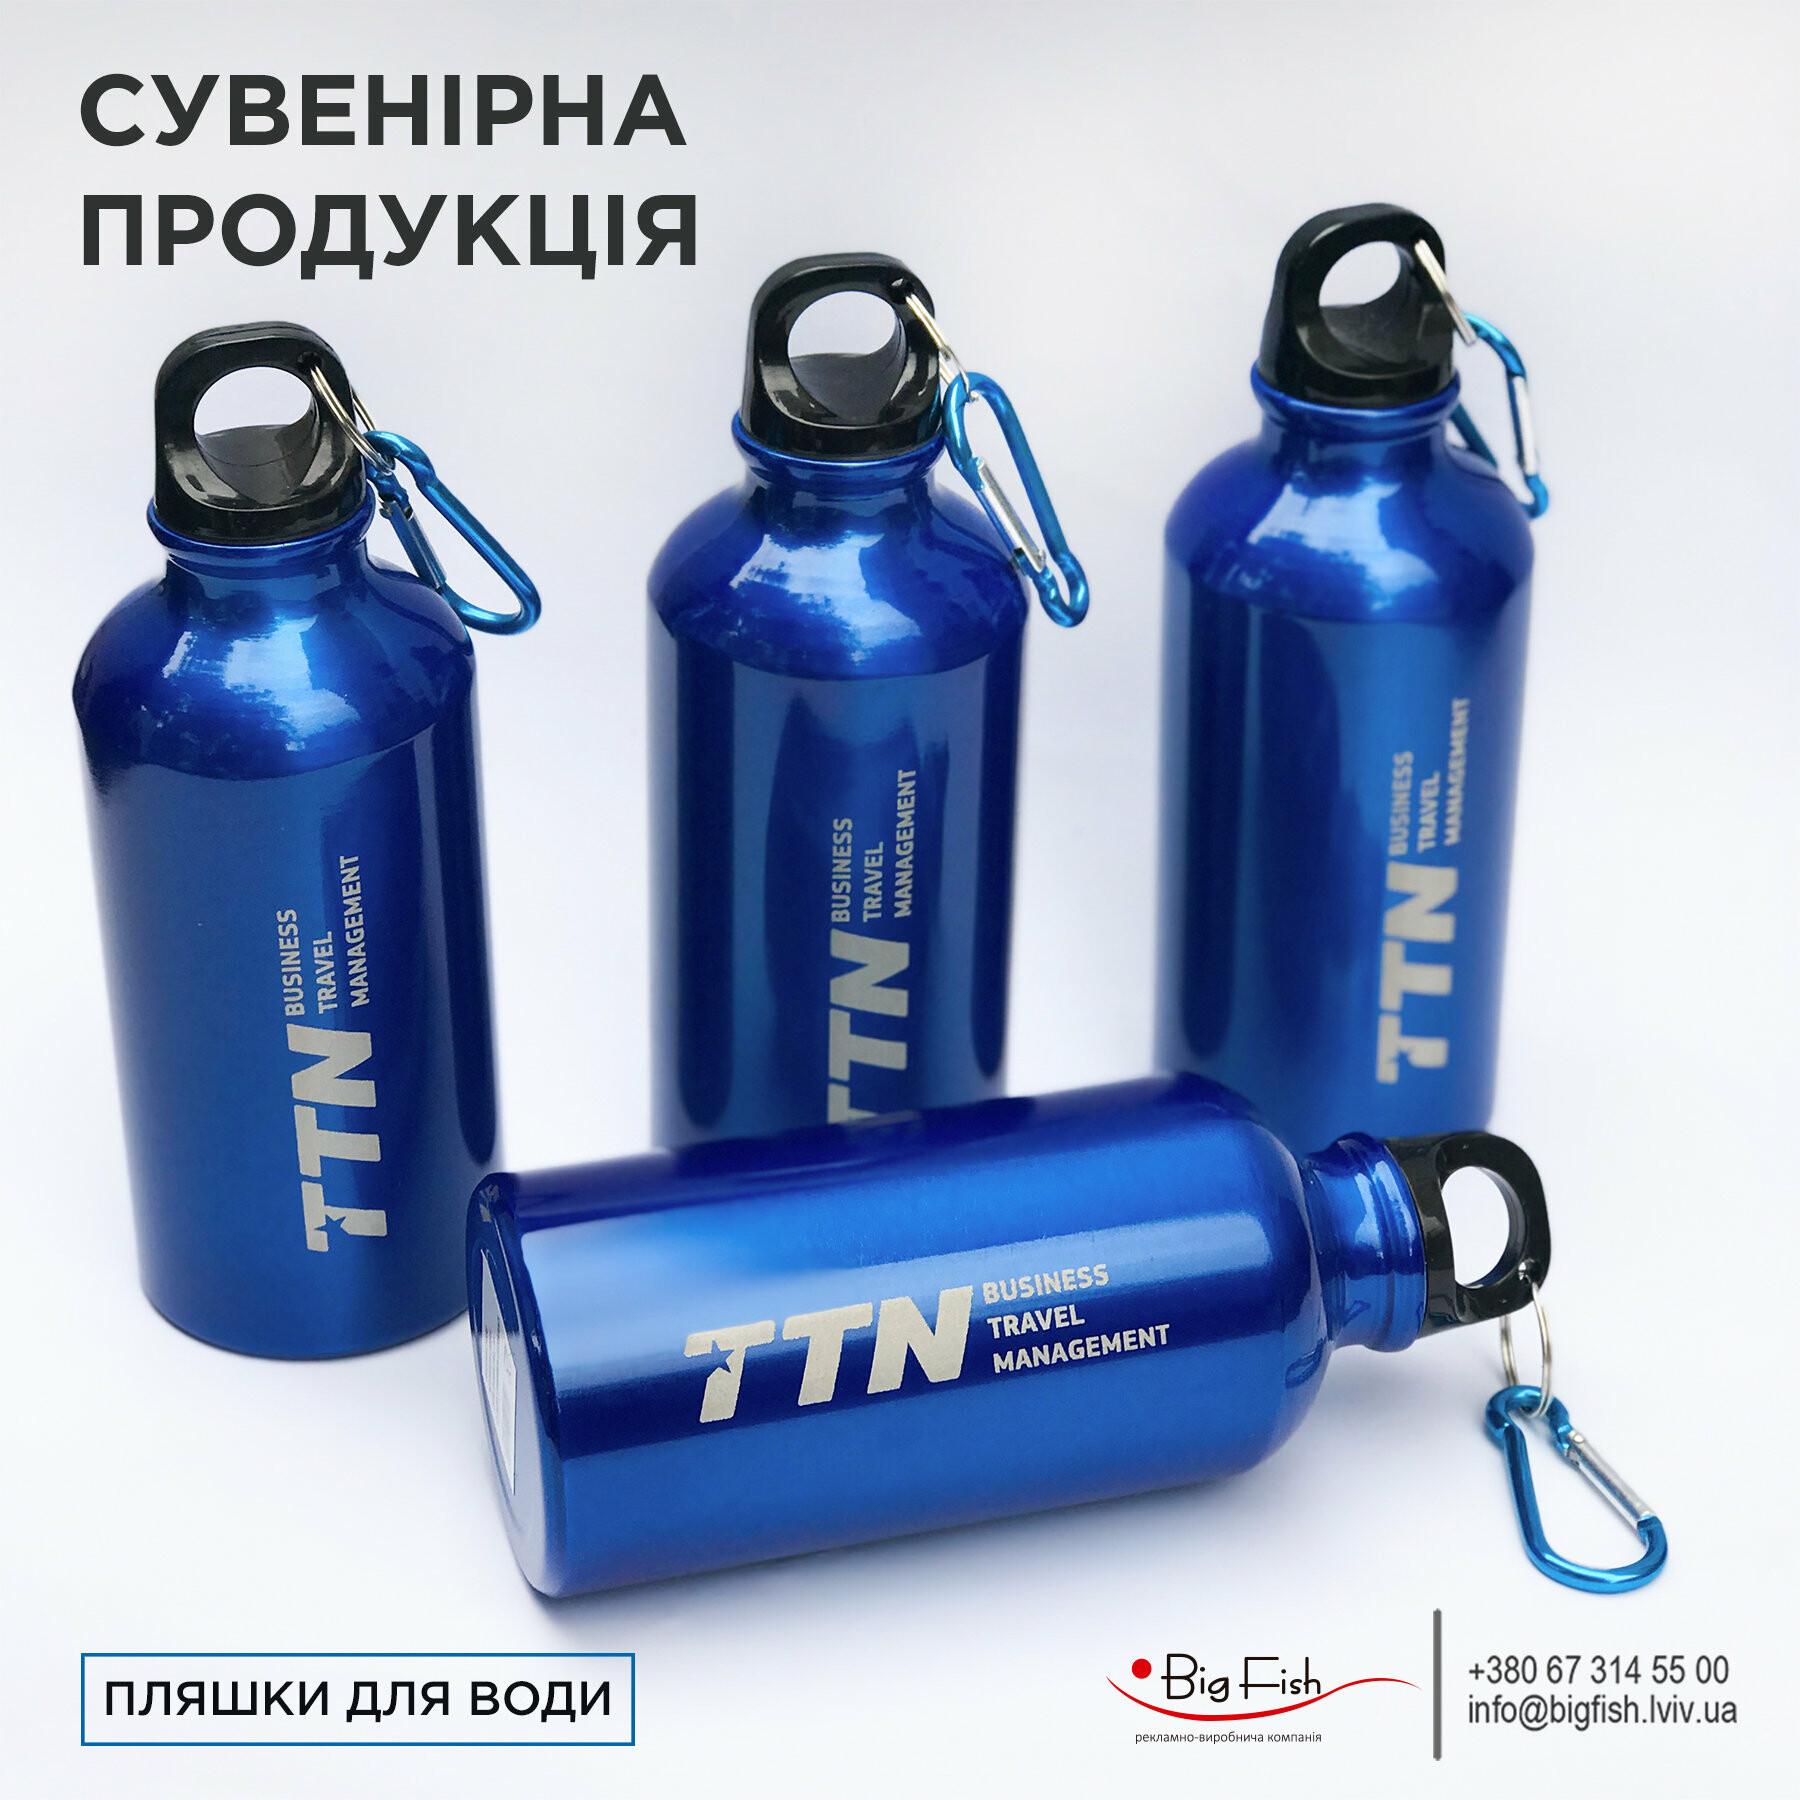 брендовані металеві бутилки для води